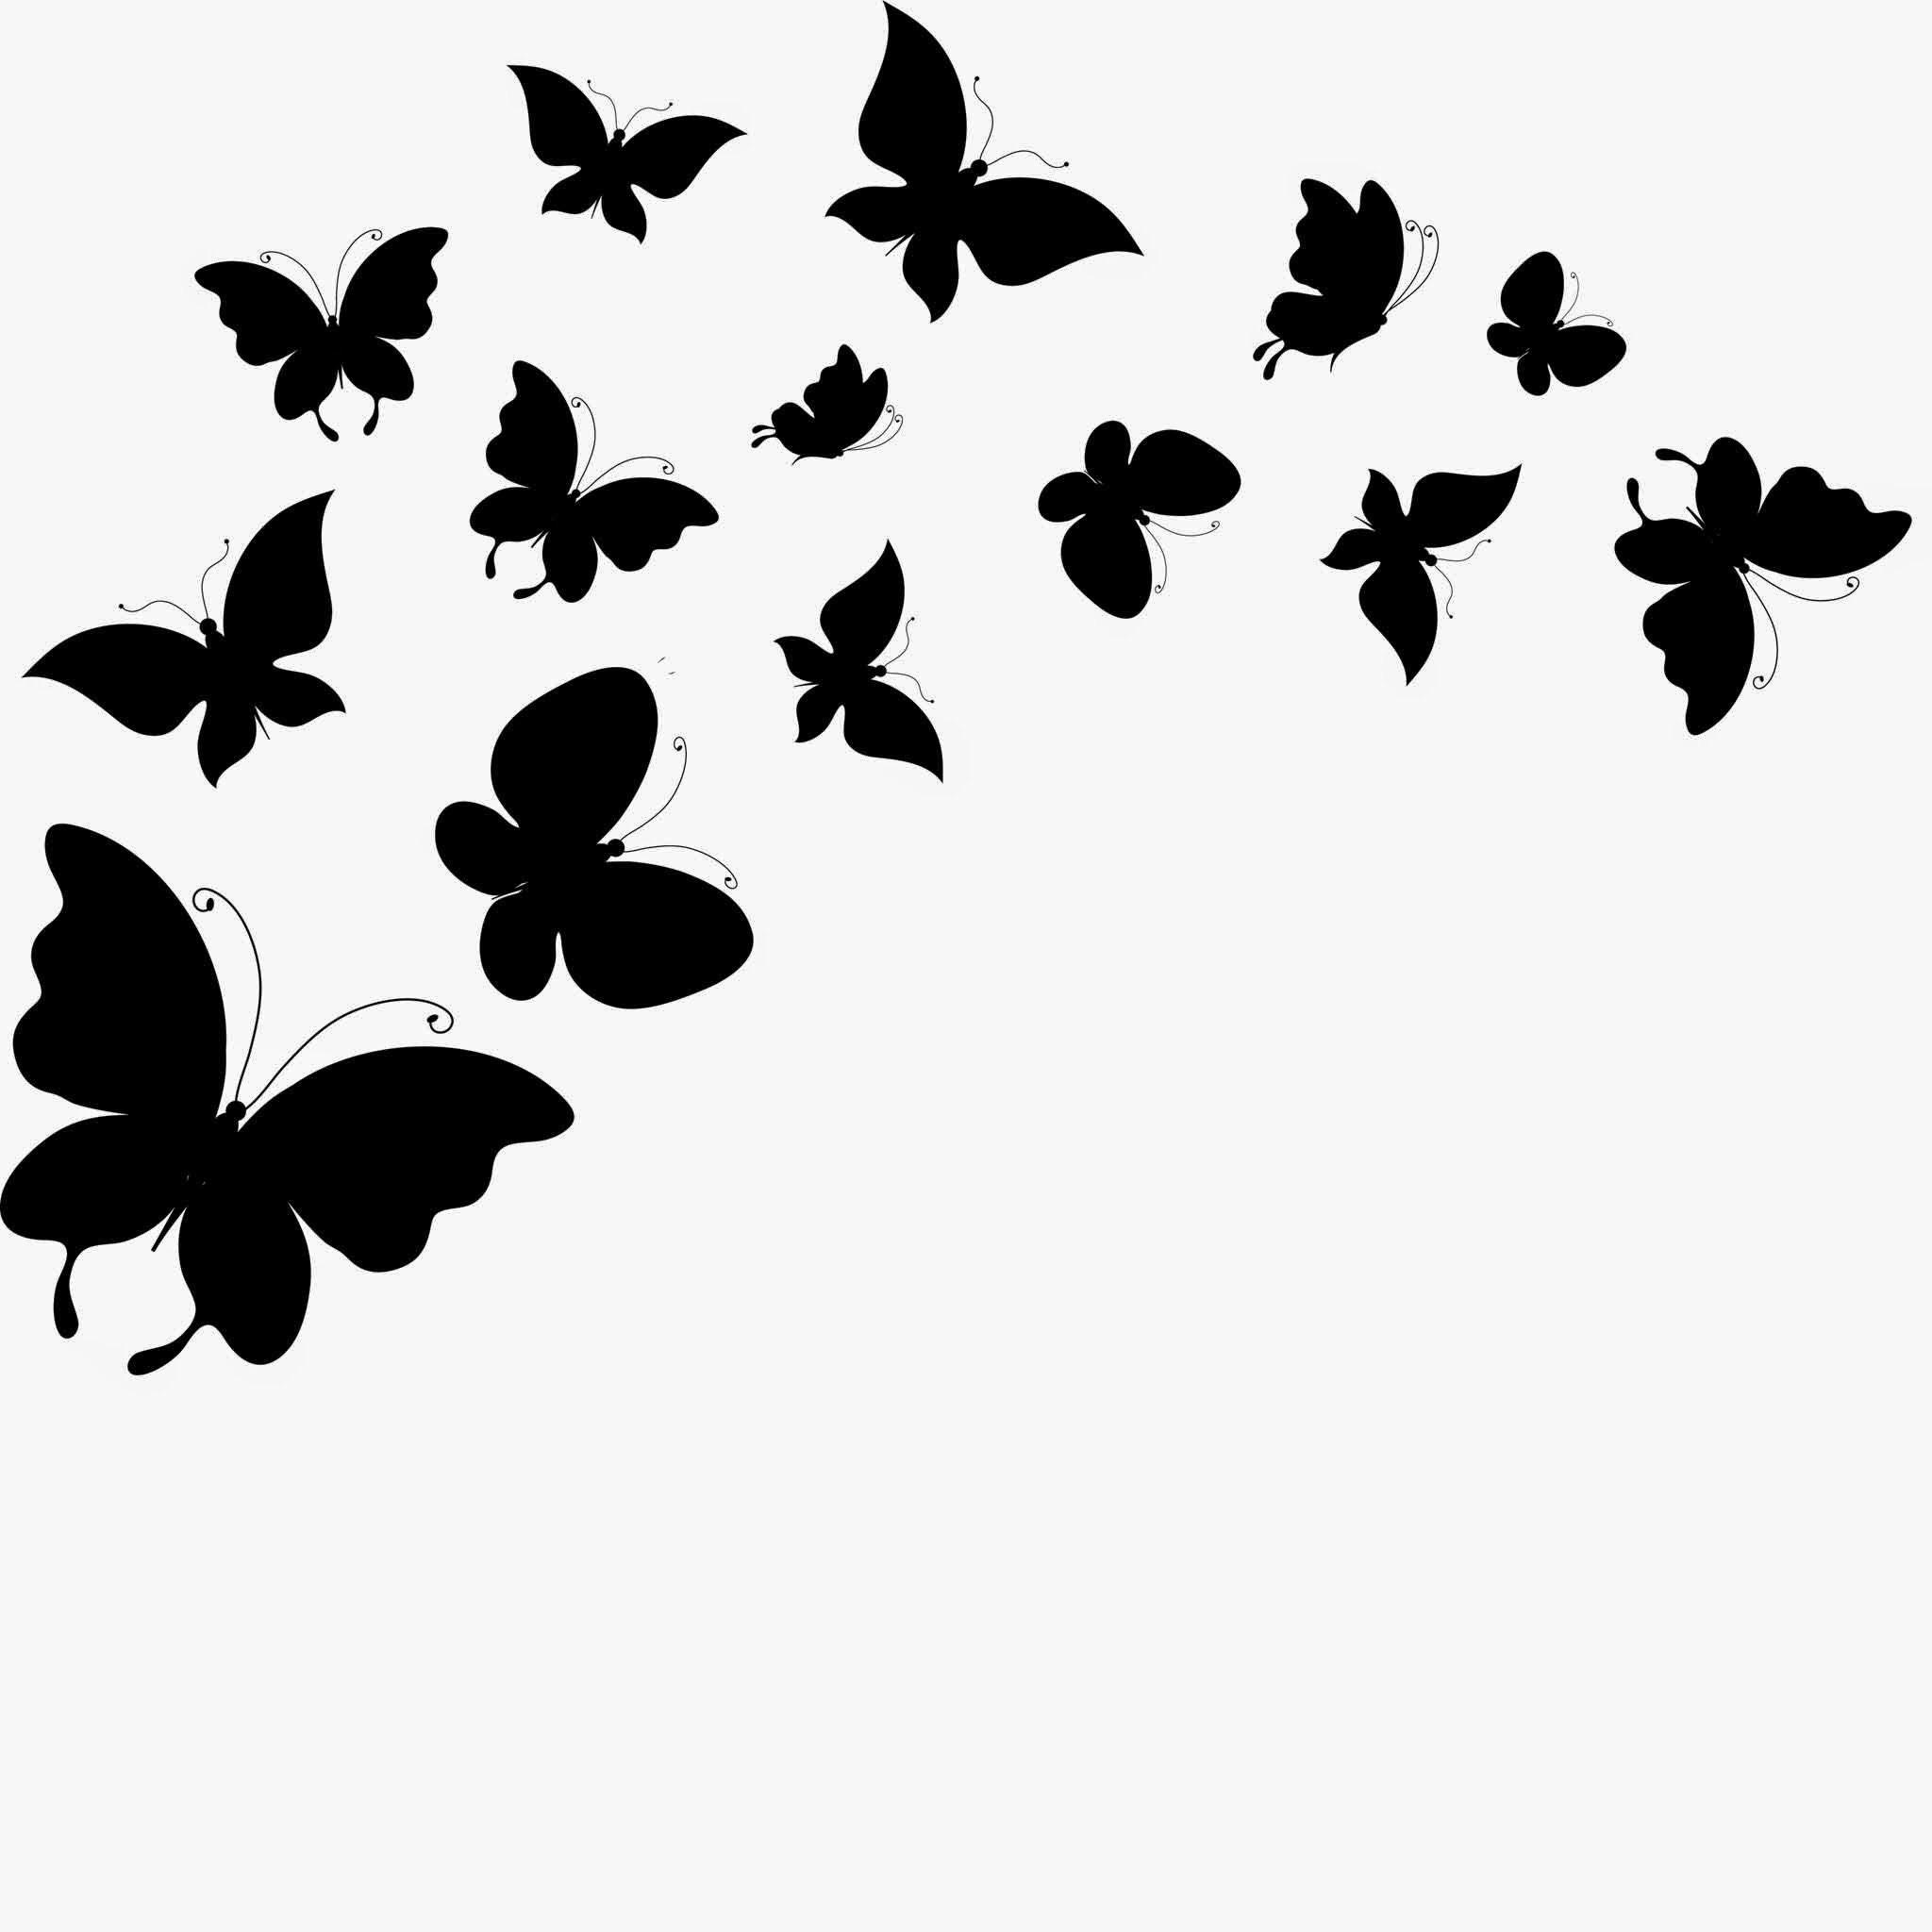 Niedlich Druckbare Schmetterling Malvorlagen Galerie - Entry Level ...